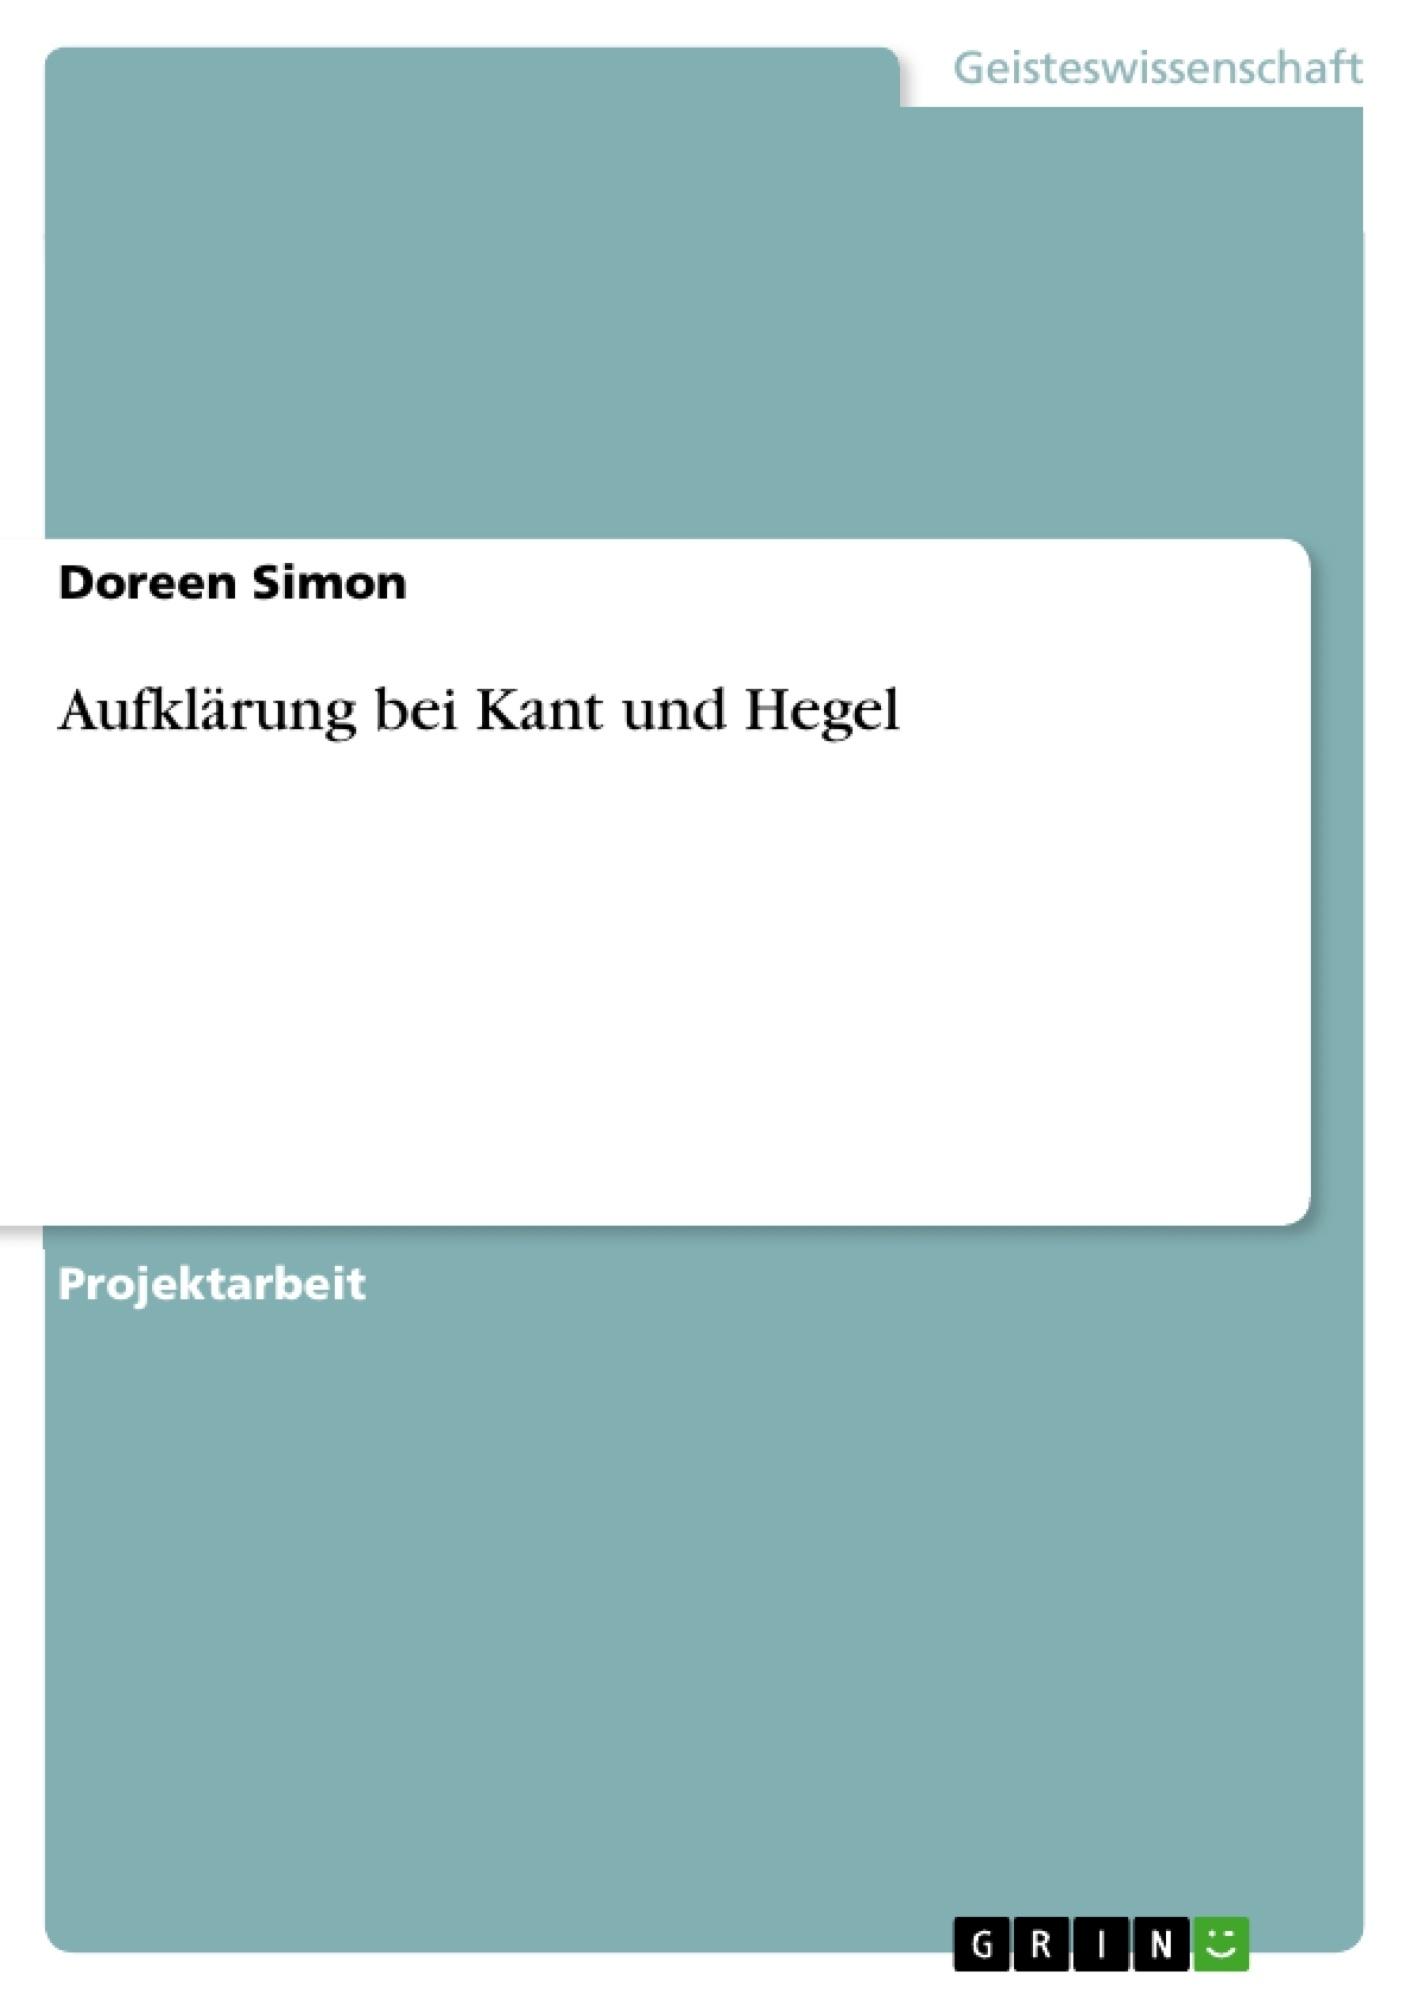 Titel: Aufklärung bei Kant und Hegel